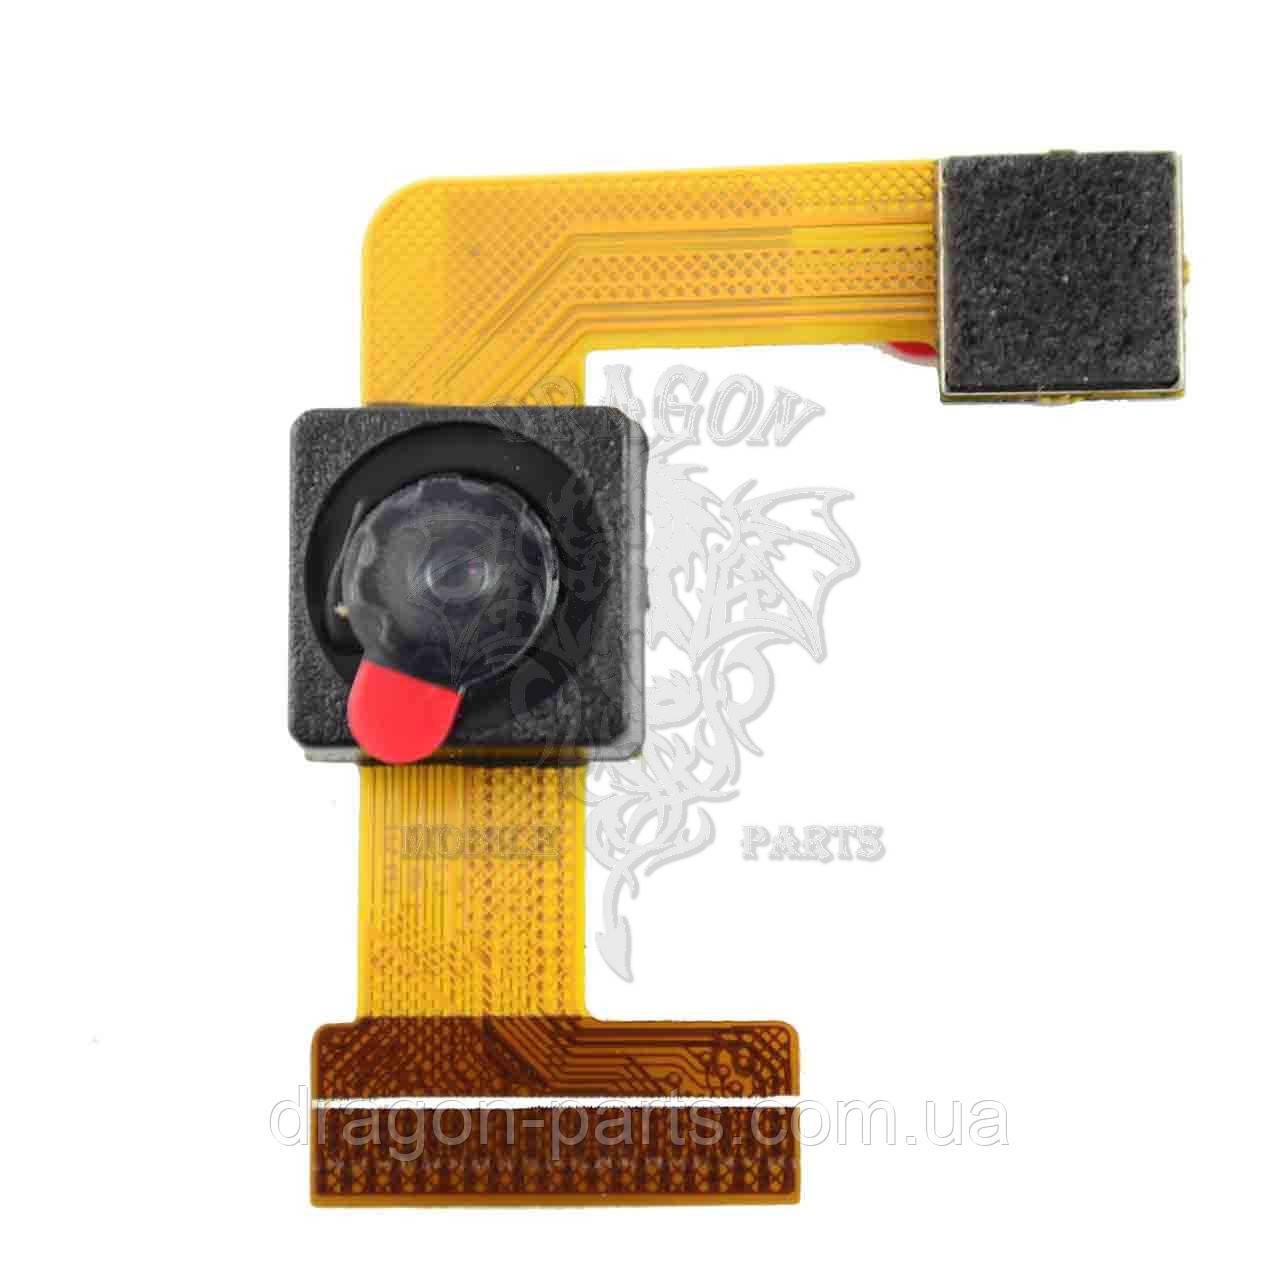 Основна і фронтальна камери Nomi C101030 Ultra 3 LTE , оригінал